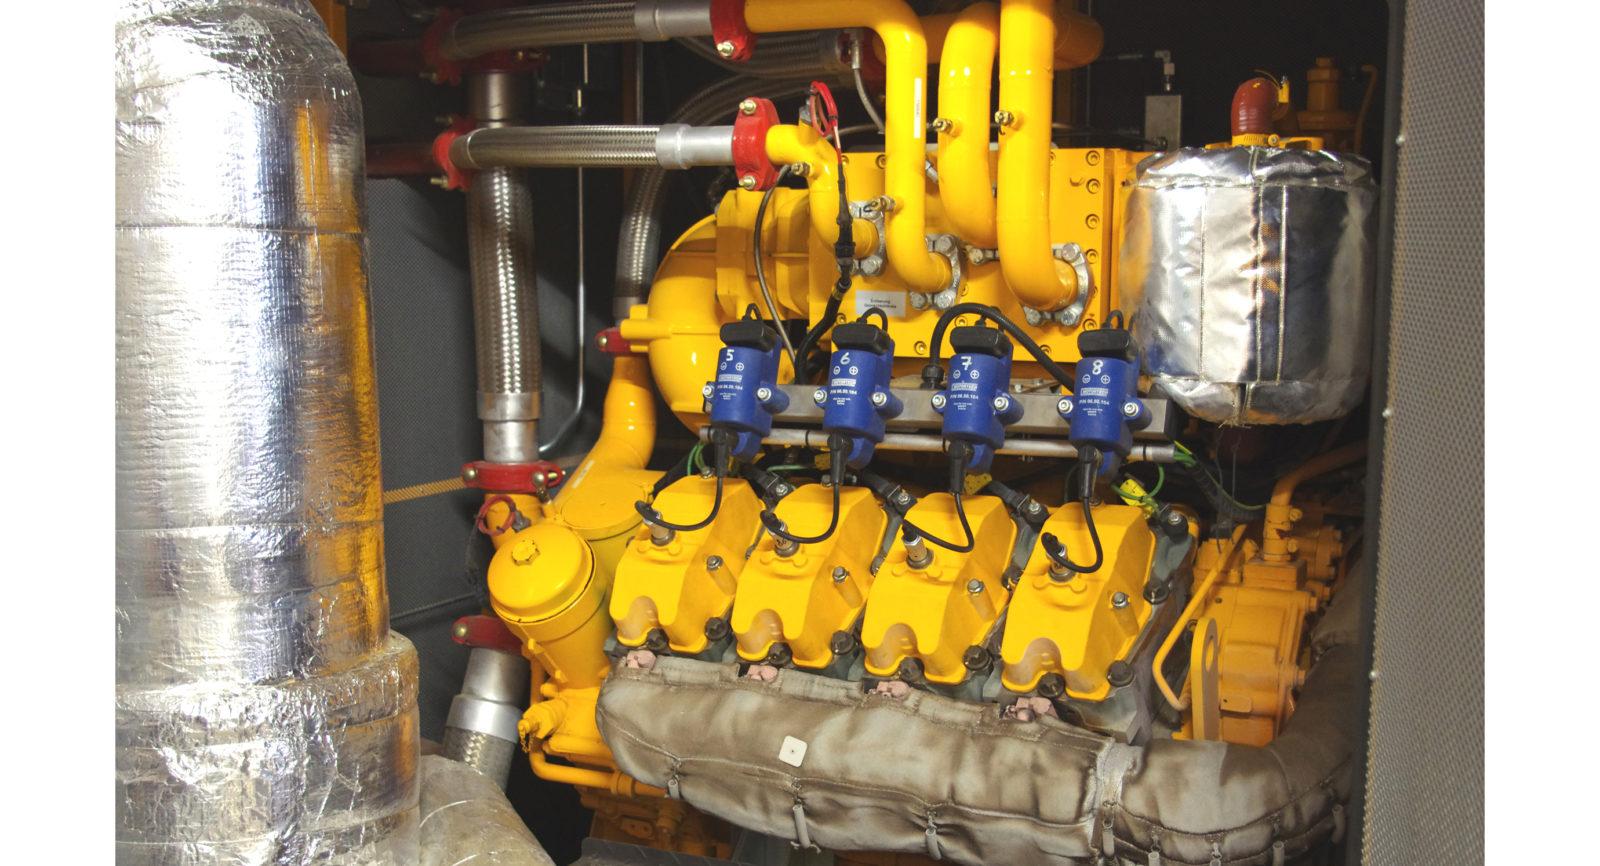 Die eingesetzten Gasmotoren profitieren heute von modernster Technik zur Verminderung des Schwefelanteils im Biogas.